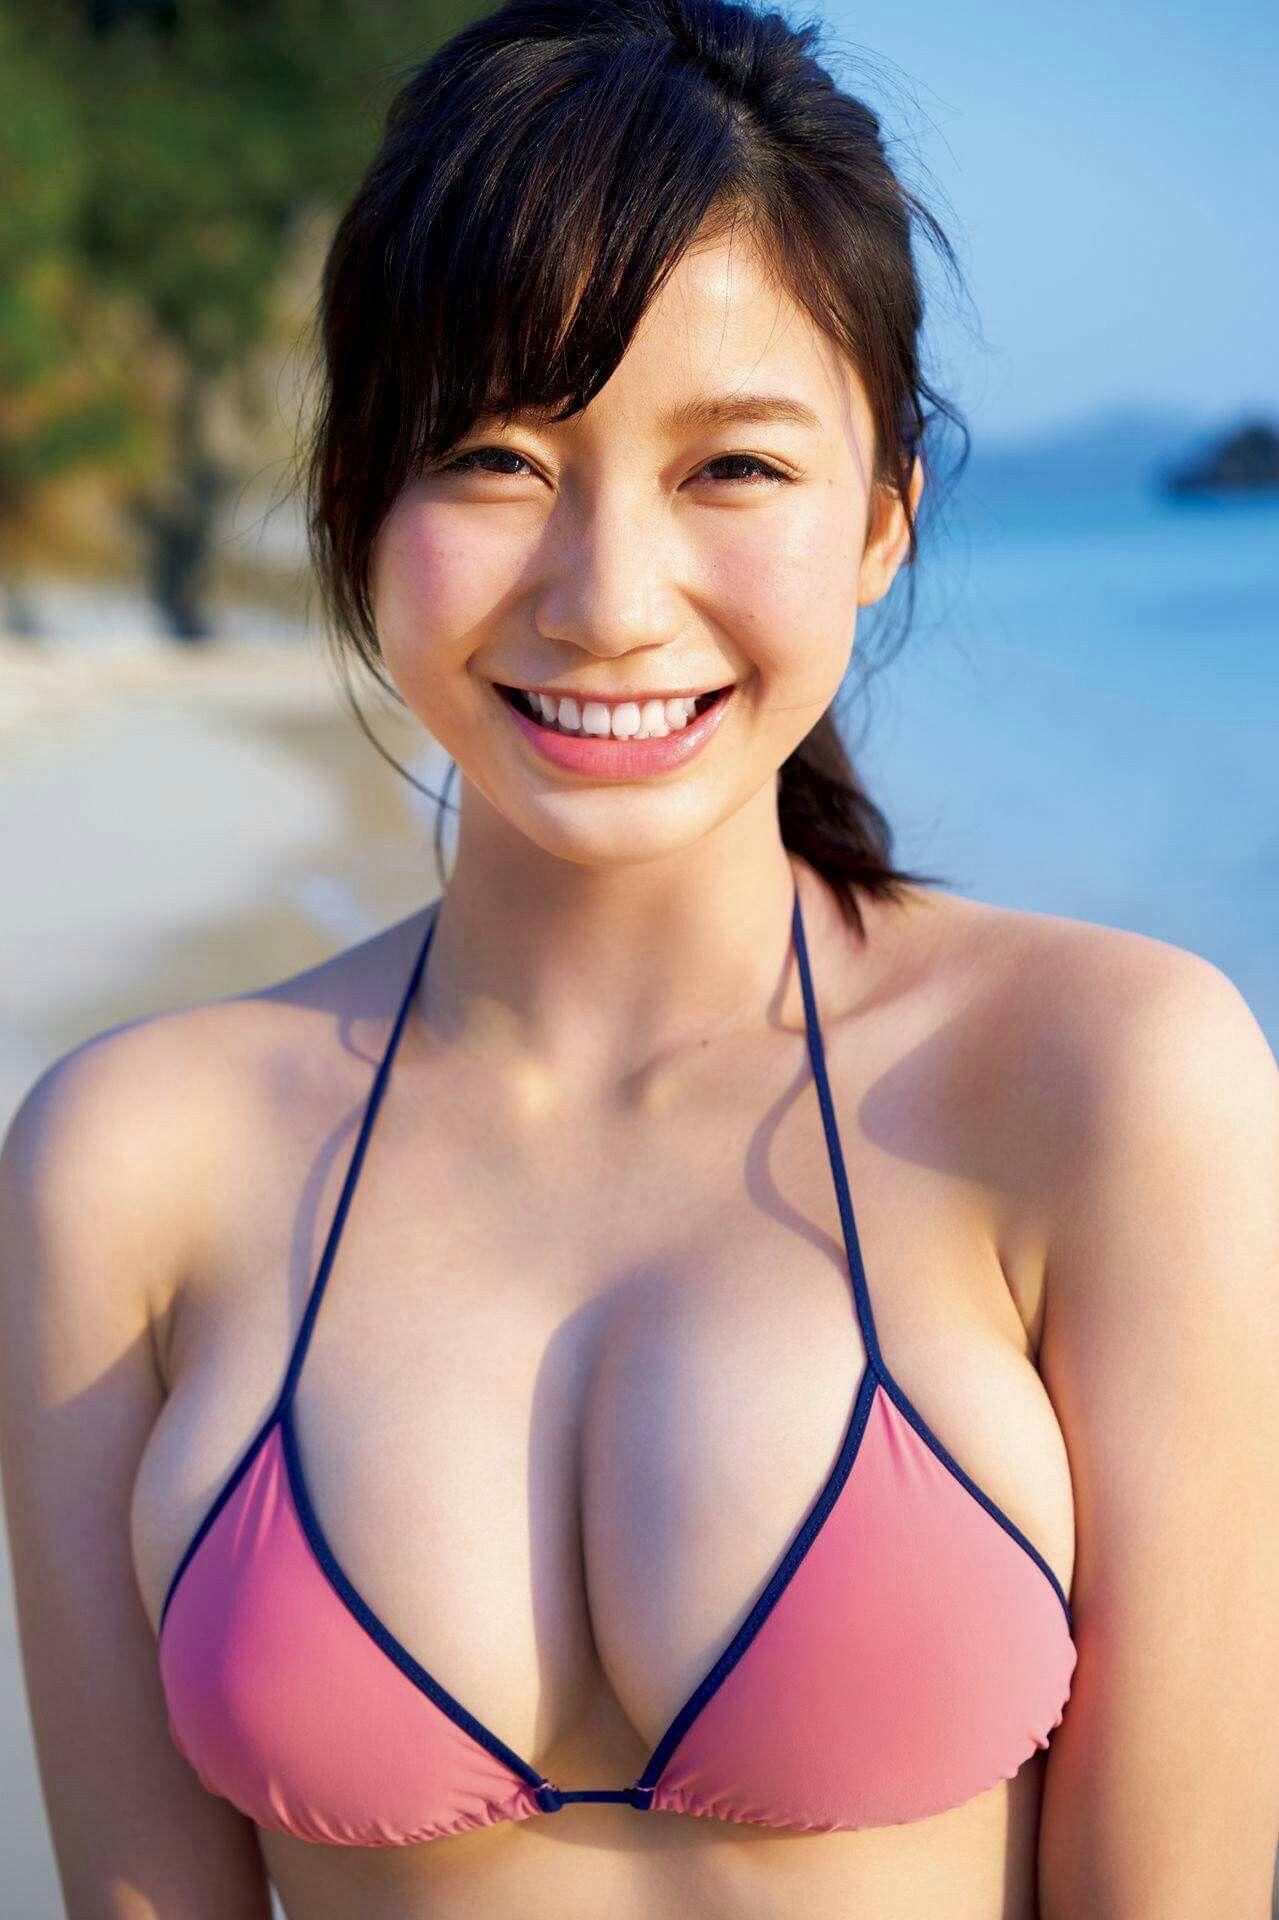 Hot porn stars bikini